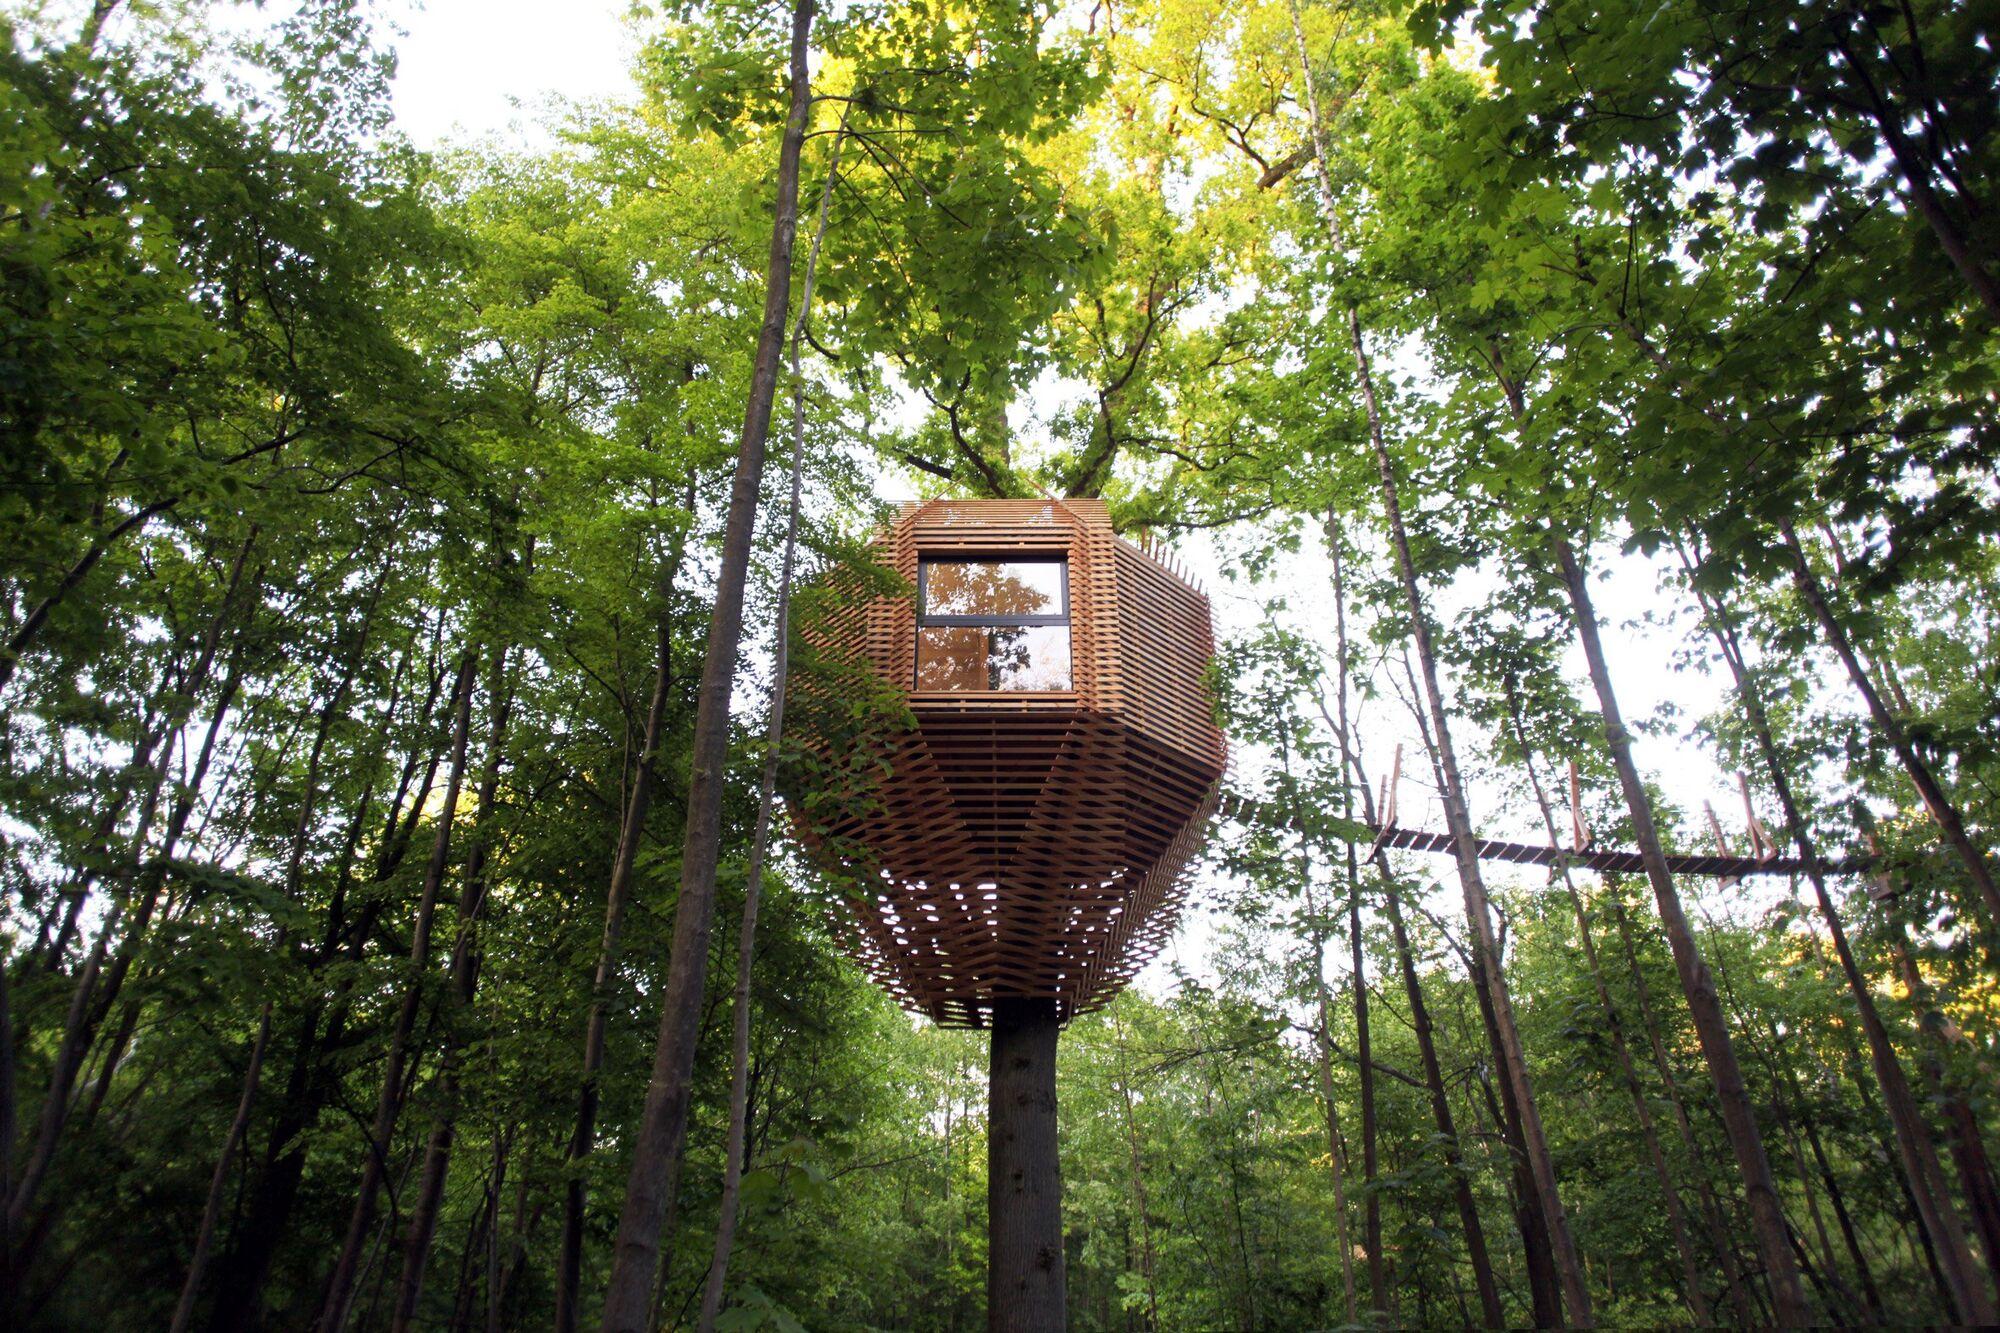 Для тих, хто лишився трохи дітьми: професійний будиночок на дереві від професійних архітекторів (ФОТО)